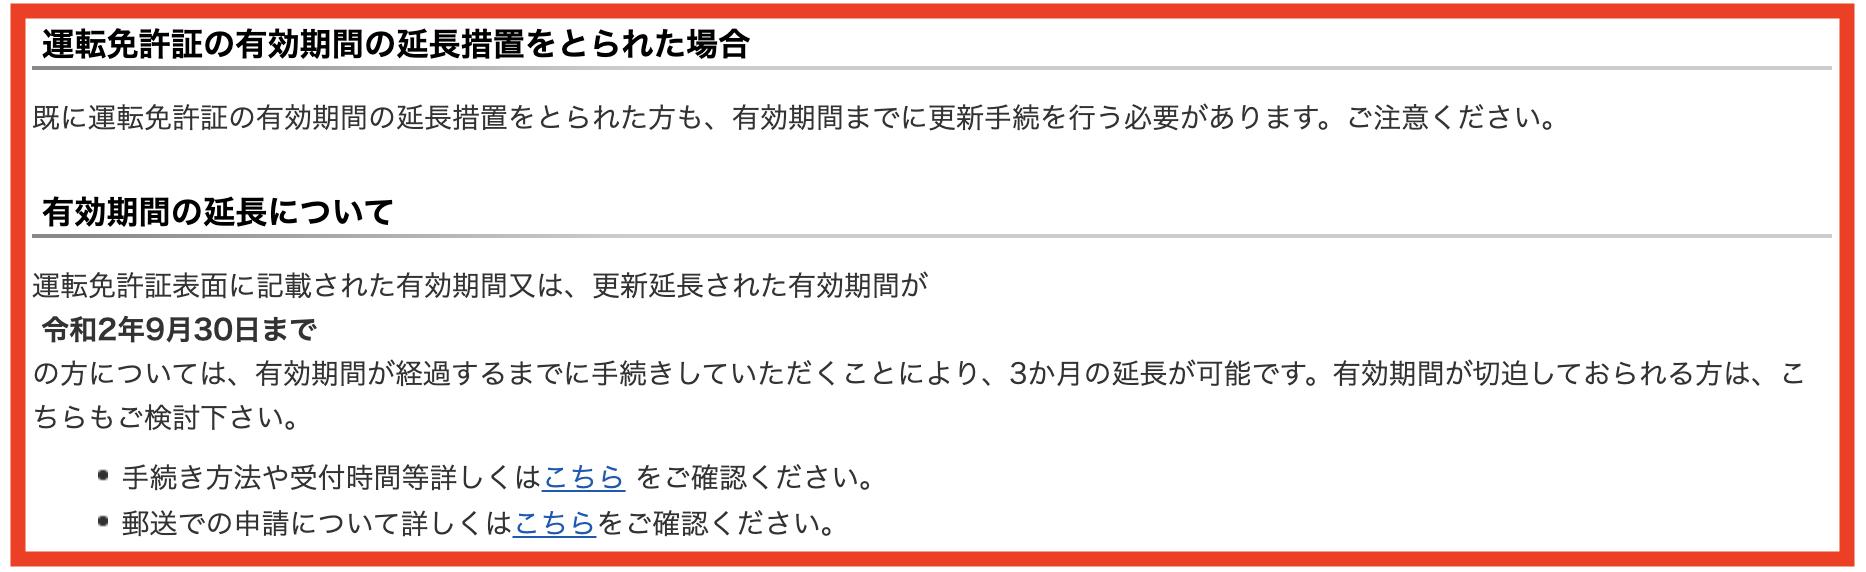 【コロナ】京都府の運転免許証更新がわかりにくい!誕生日の優先案内期間について警察署に問い合わせて解決策を確認した結果・・